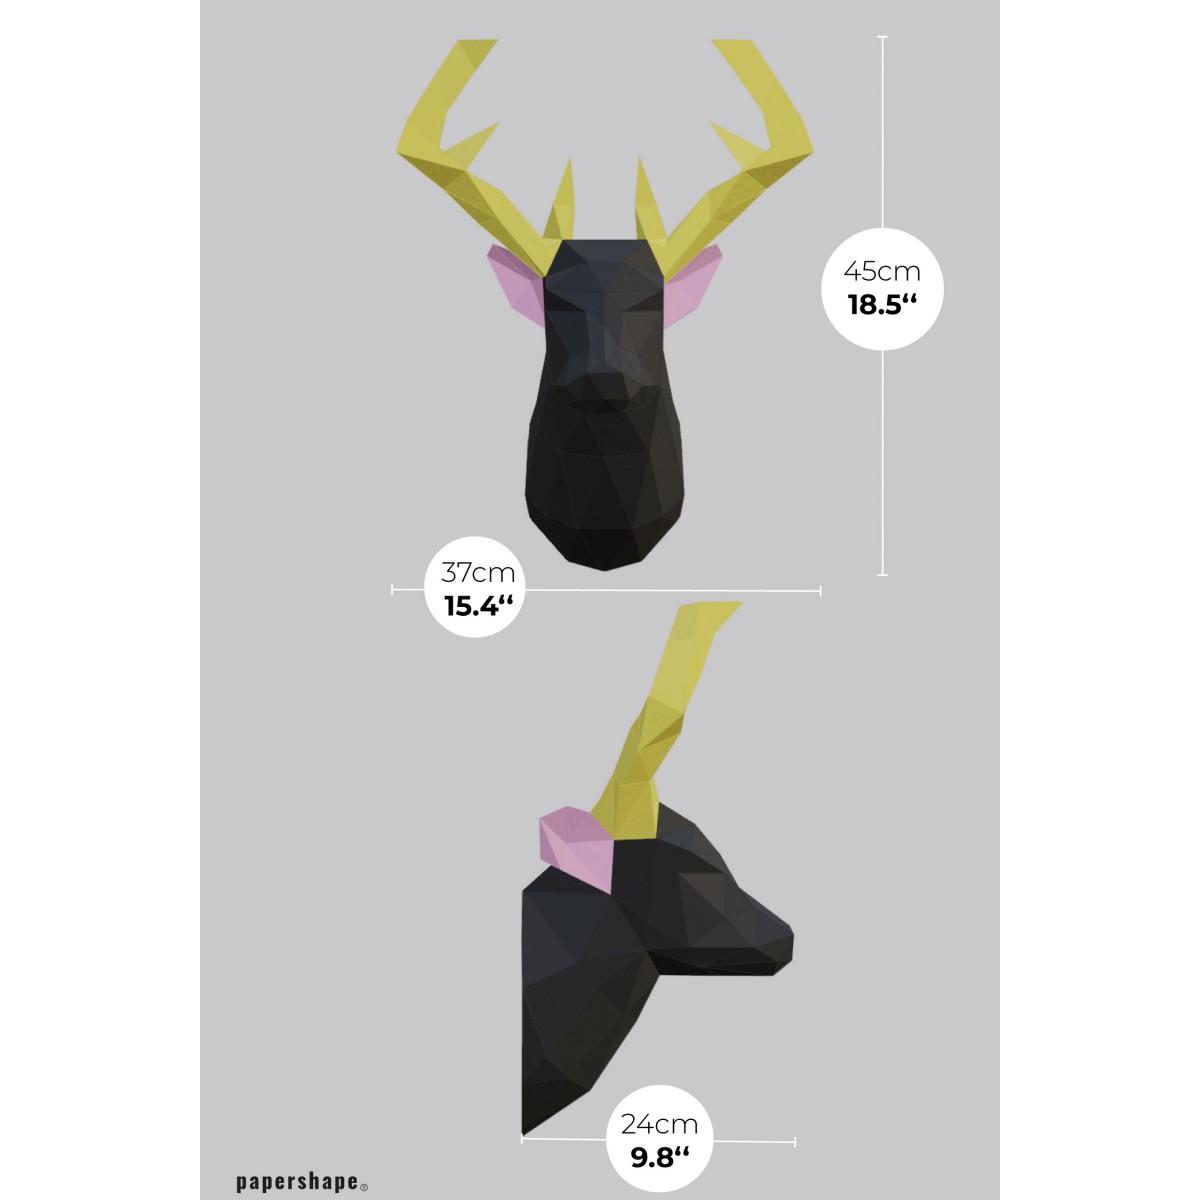 Hirsch - Vegane Tiertrophäe aus Papier im DIY Kit